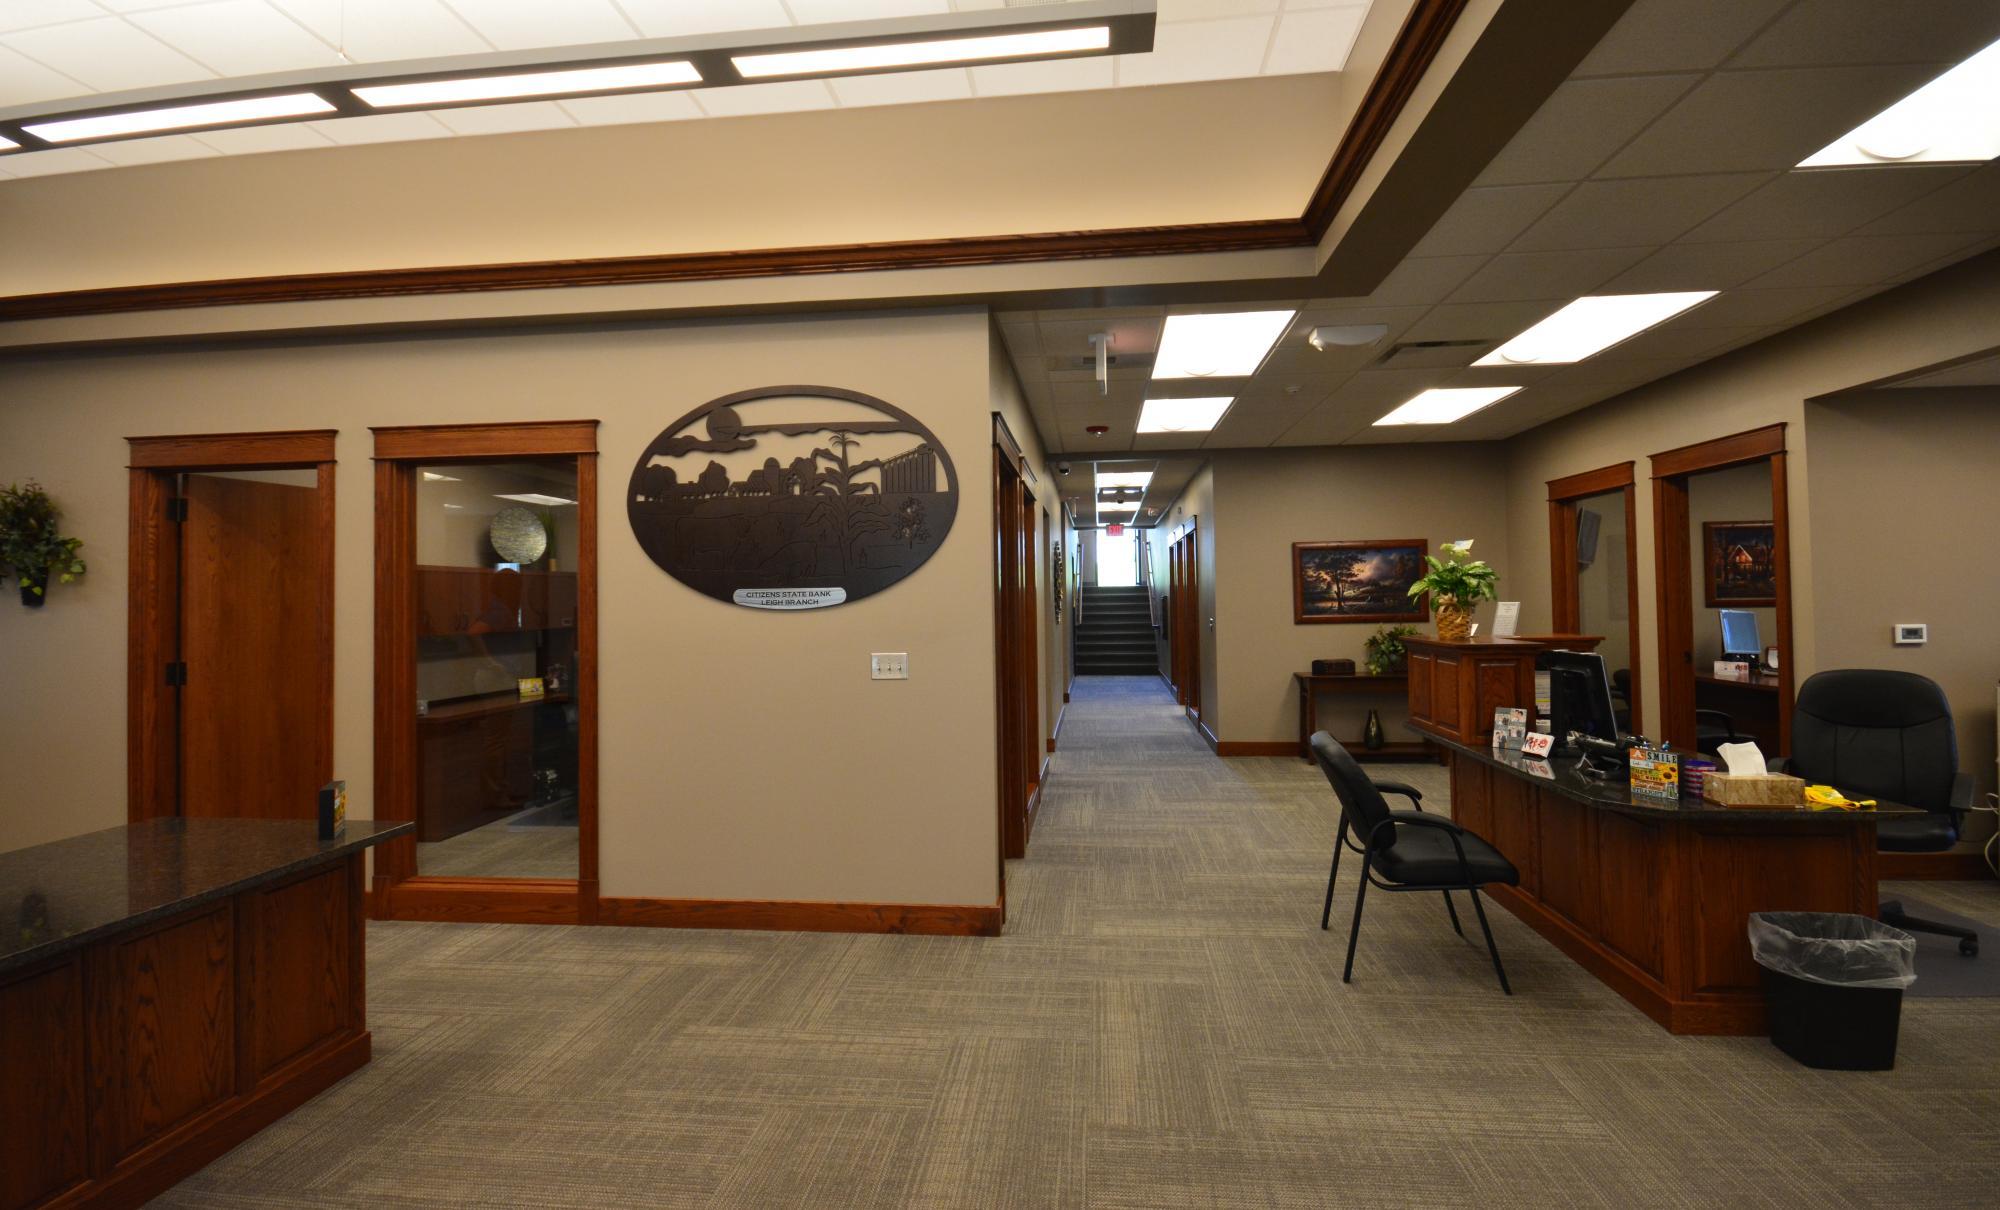 The Bank Of Easton-Interior Photos ... Bank interior design pdf ...